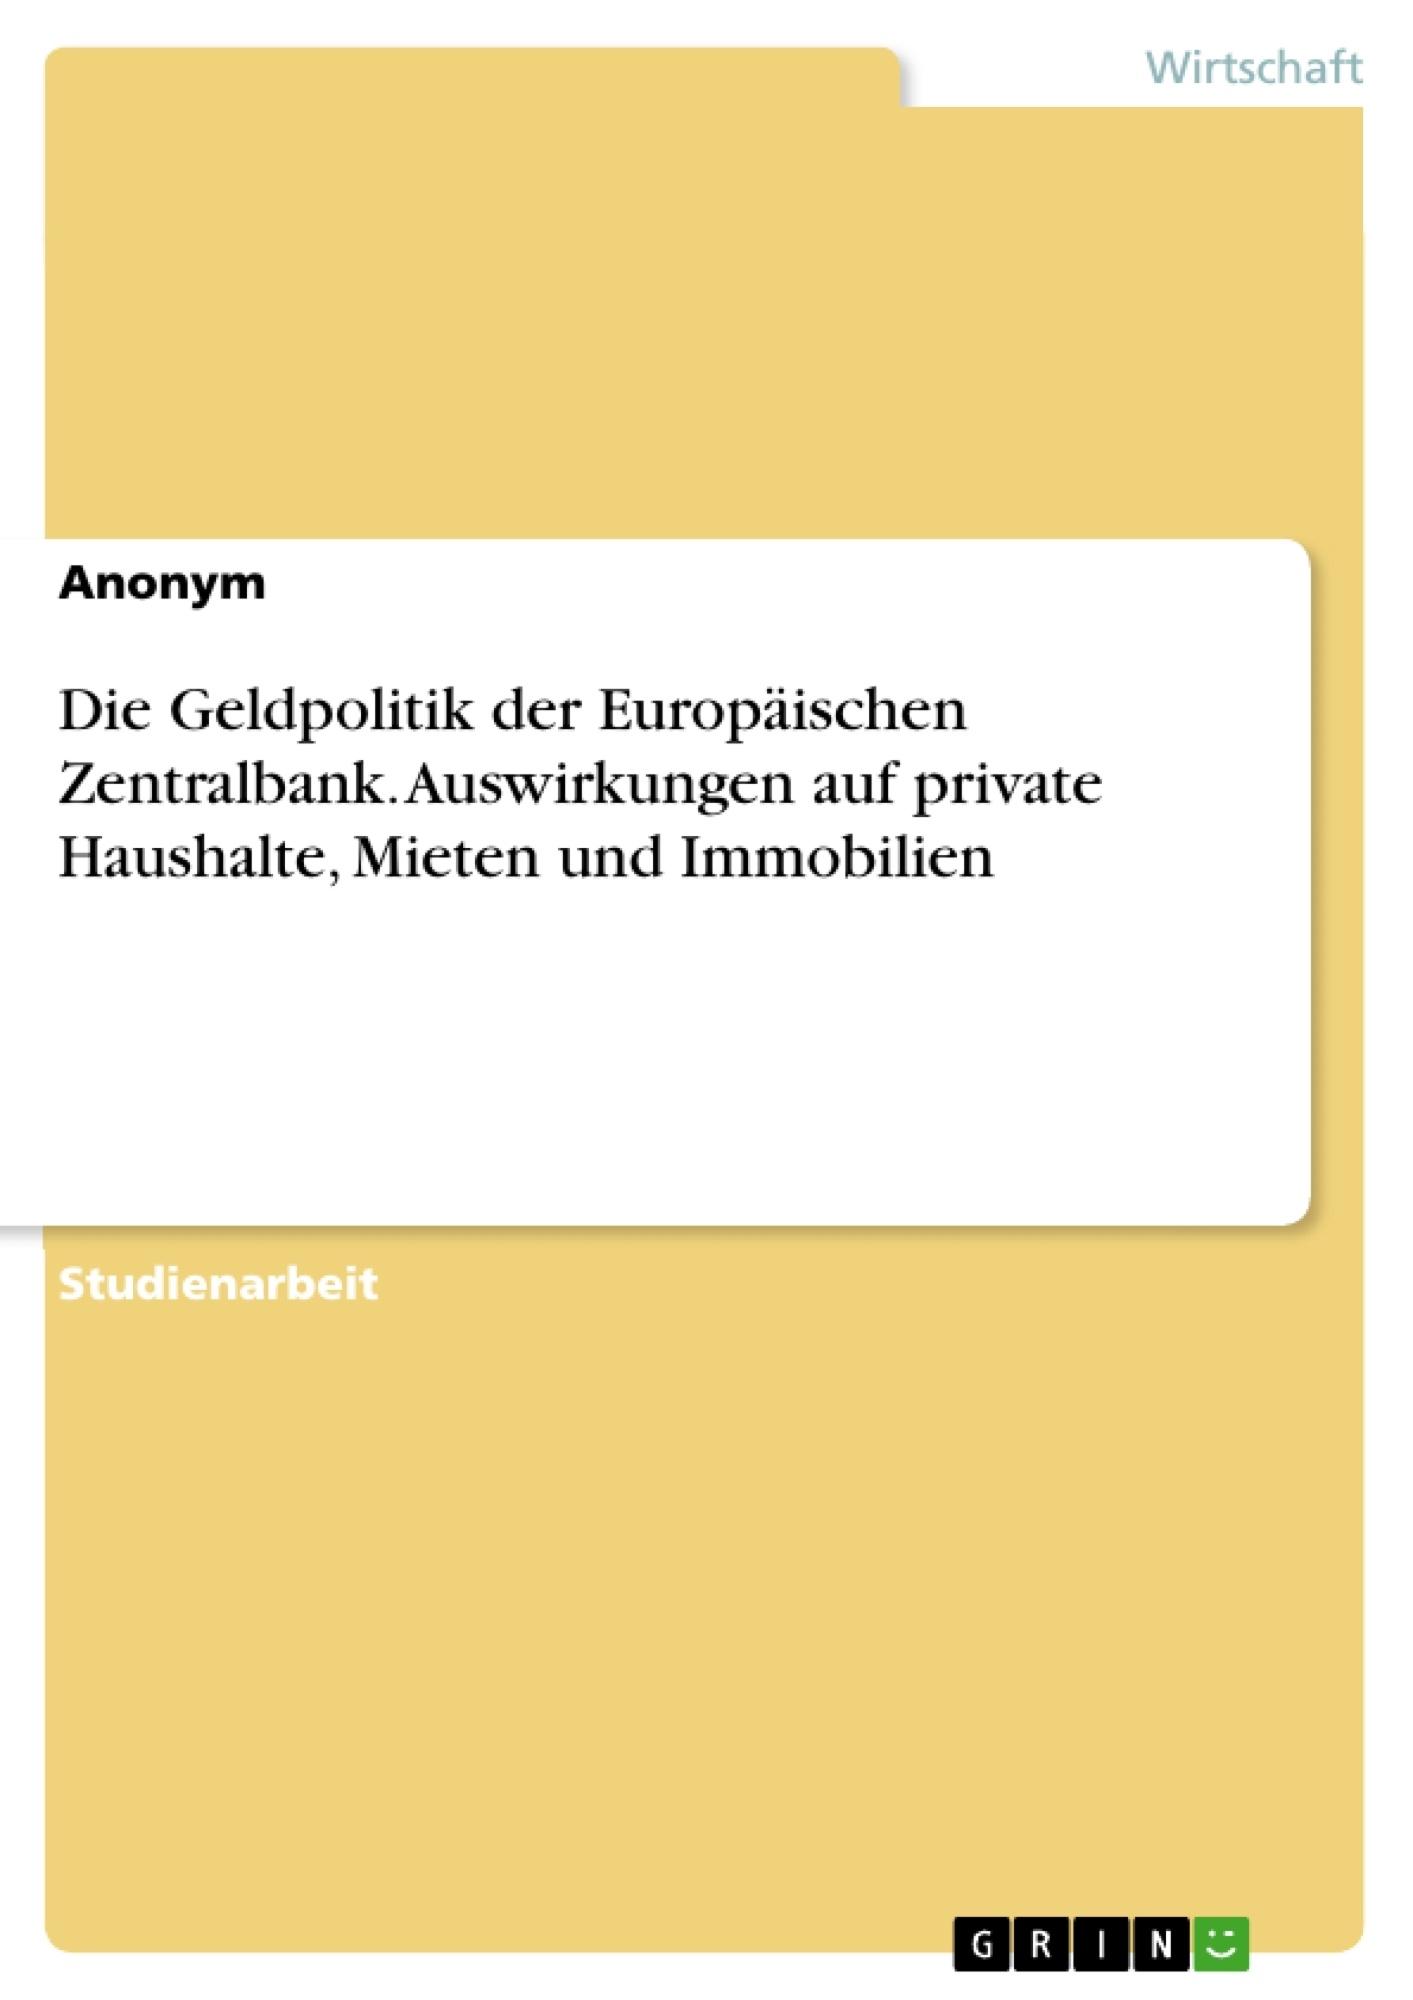 Titel: Die Geldpolitik der Europäischen Zentralbank. Auswirkungen auf private Haushalte, Mieten und Immobilien